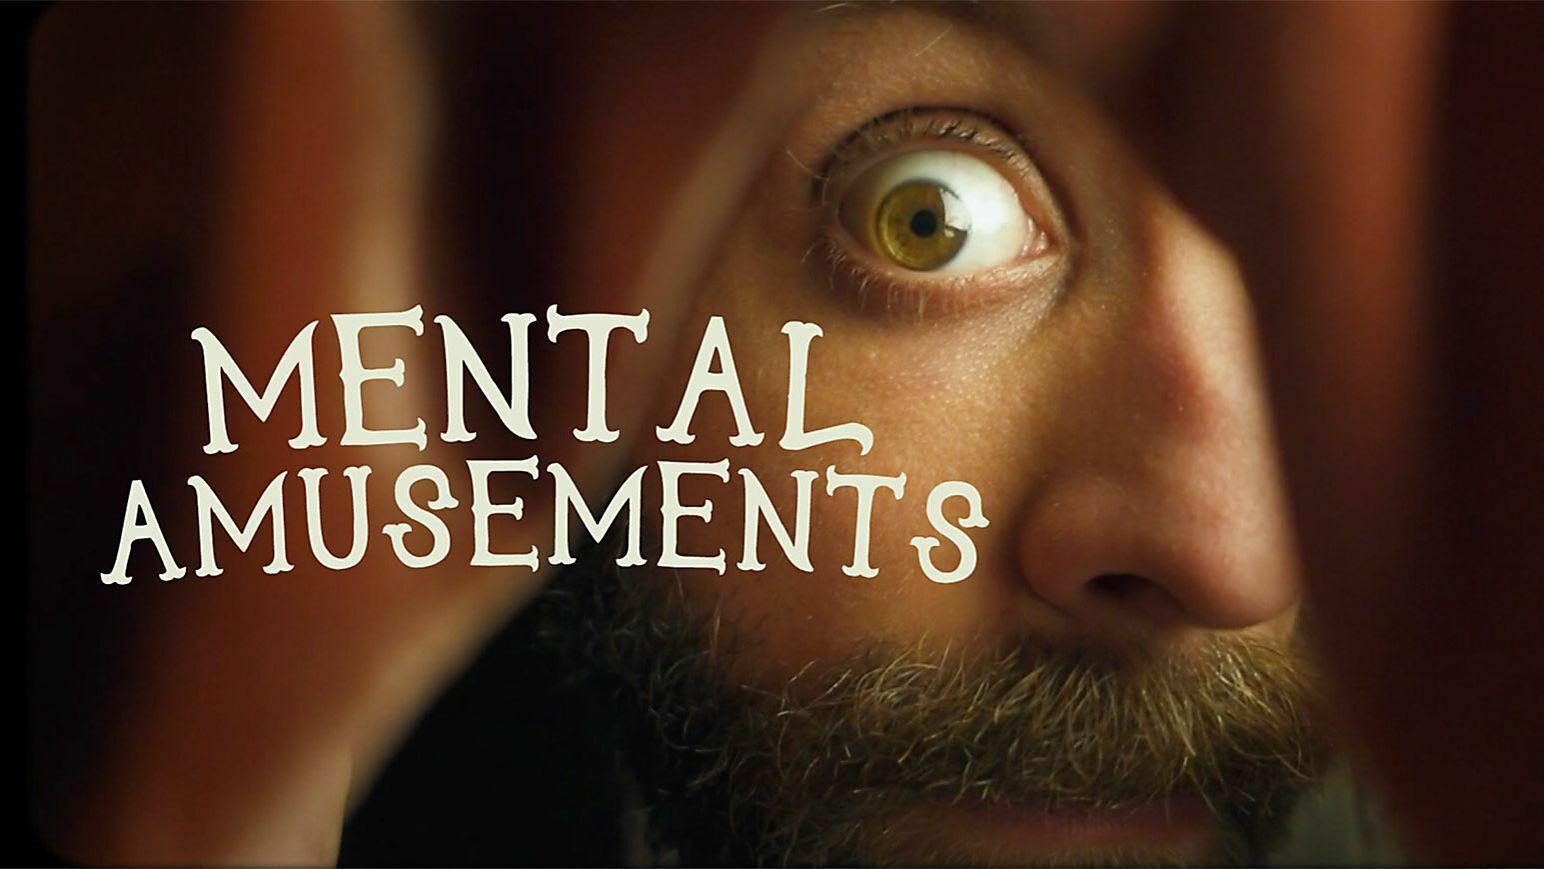 Mental Amusements - Online